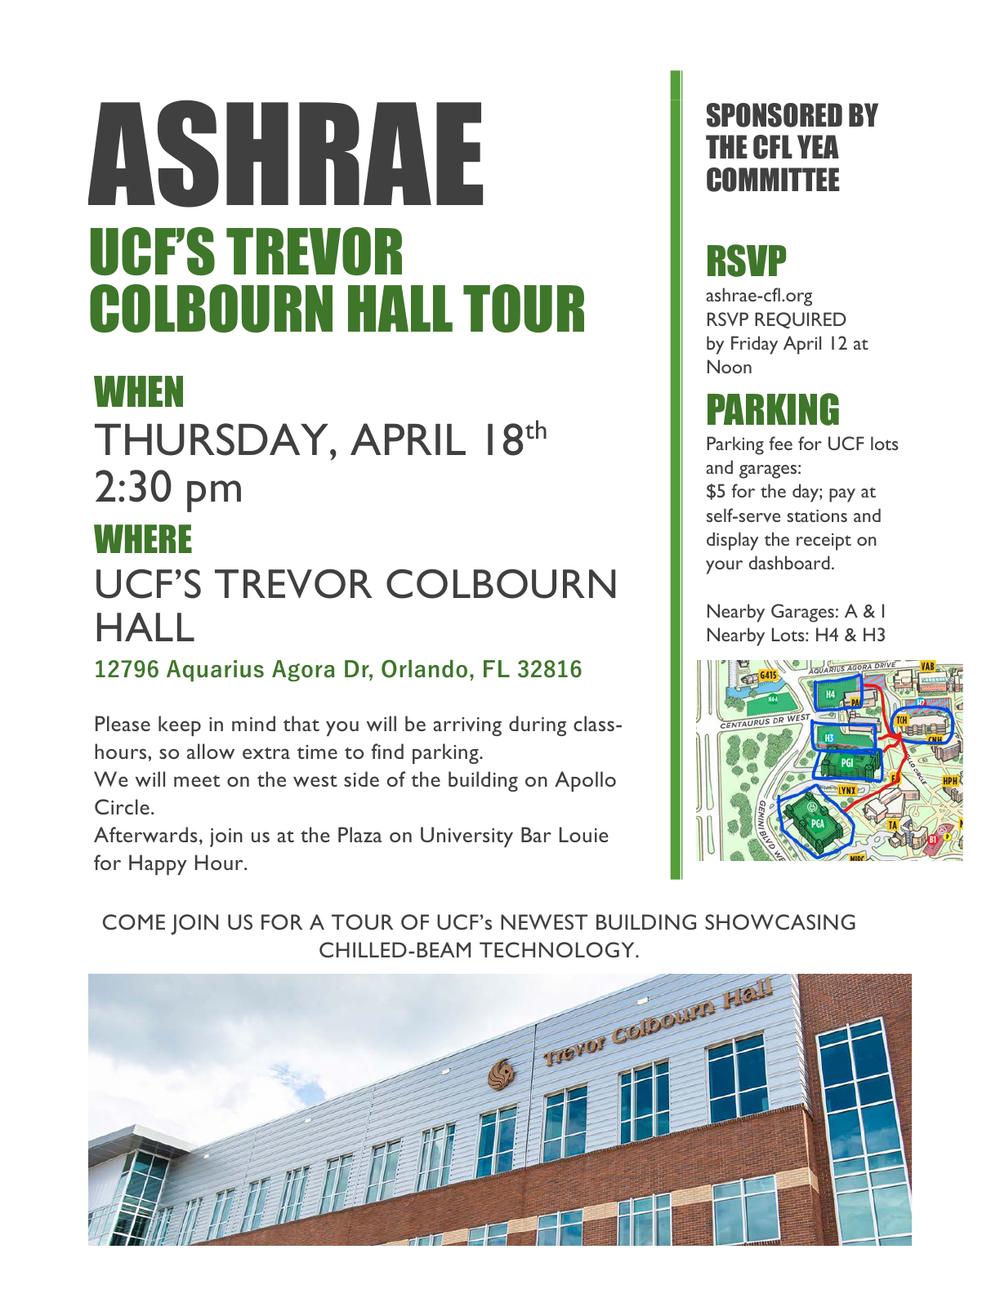 ashrae UCF TCH tour.png